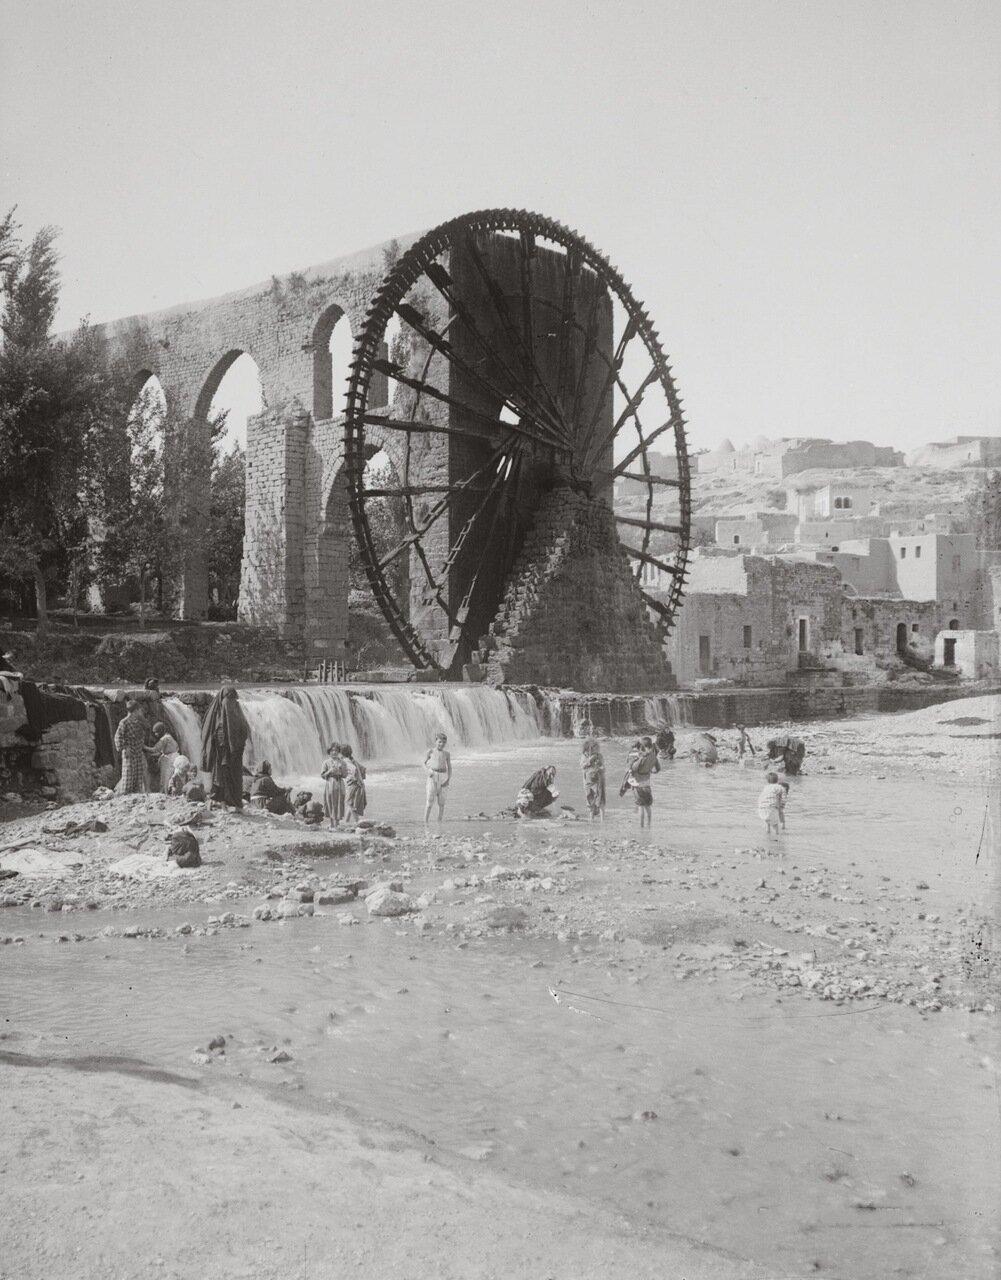 Водяное колесо и водопровод для полива. Хама, Сирия. 1900-1920 гг.